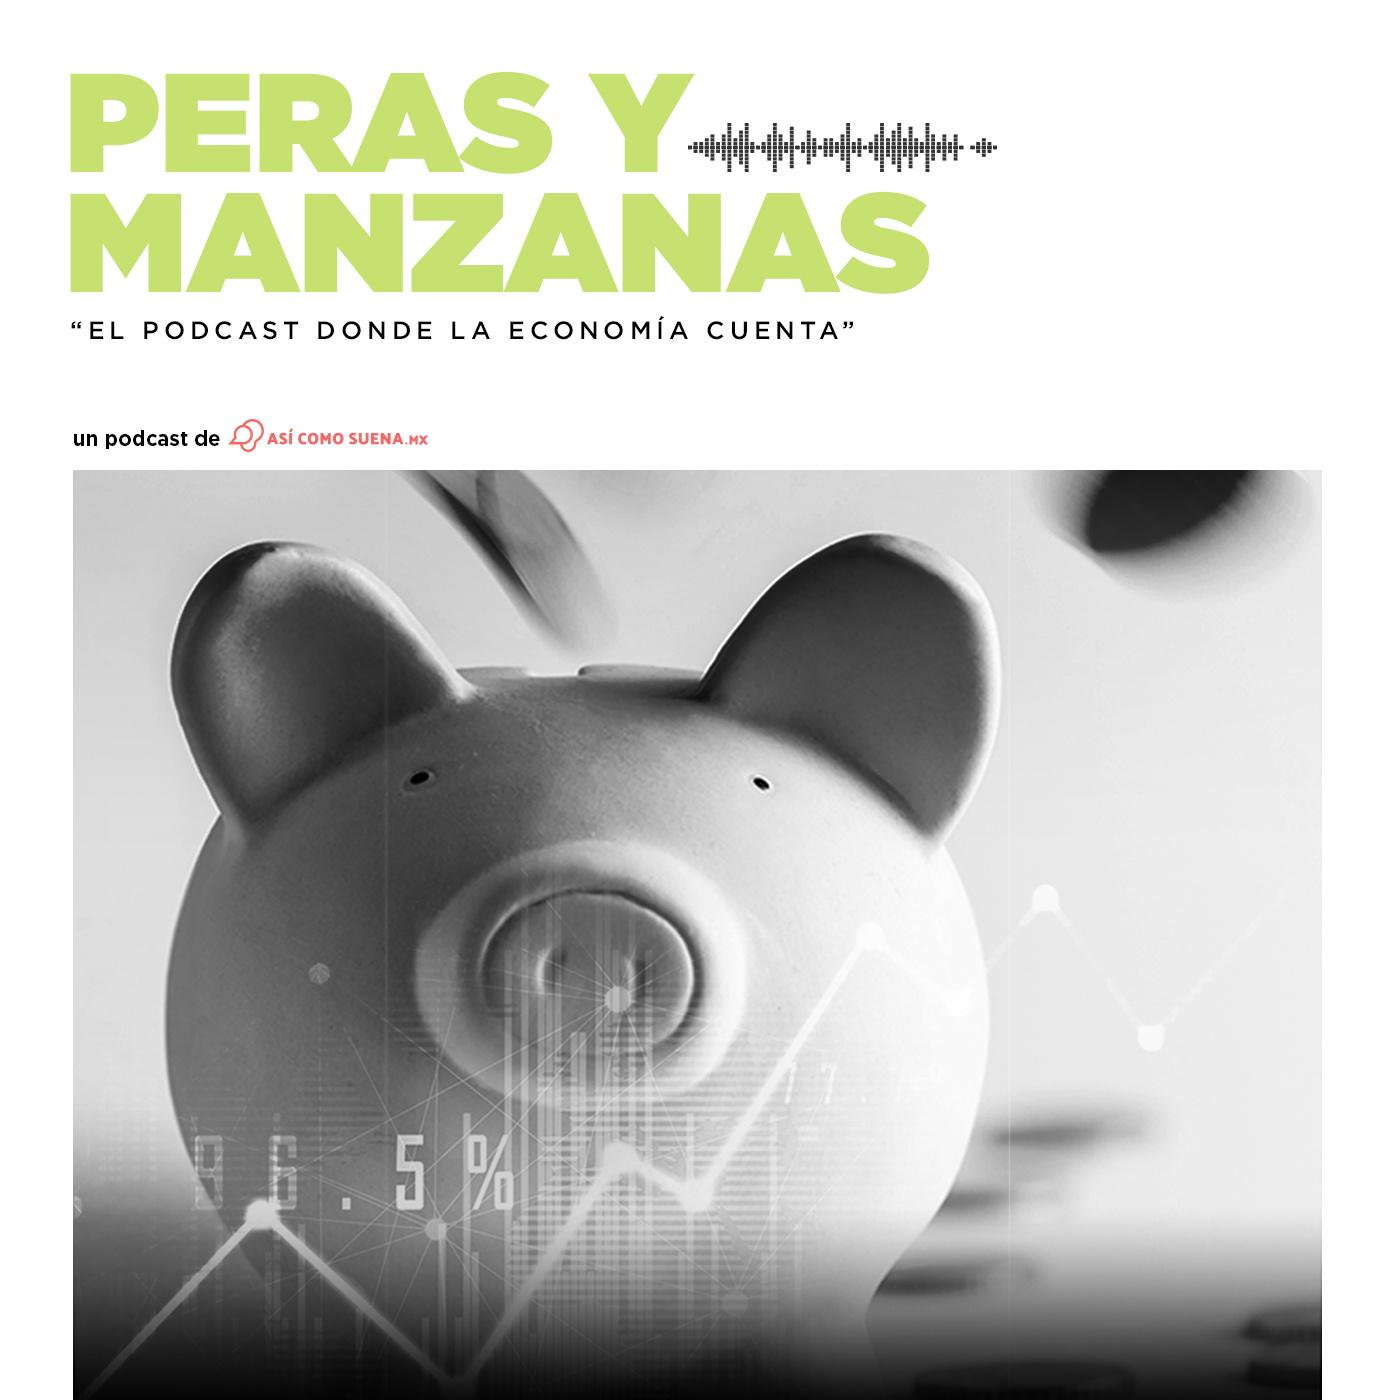 Empleos y salarios en México